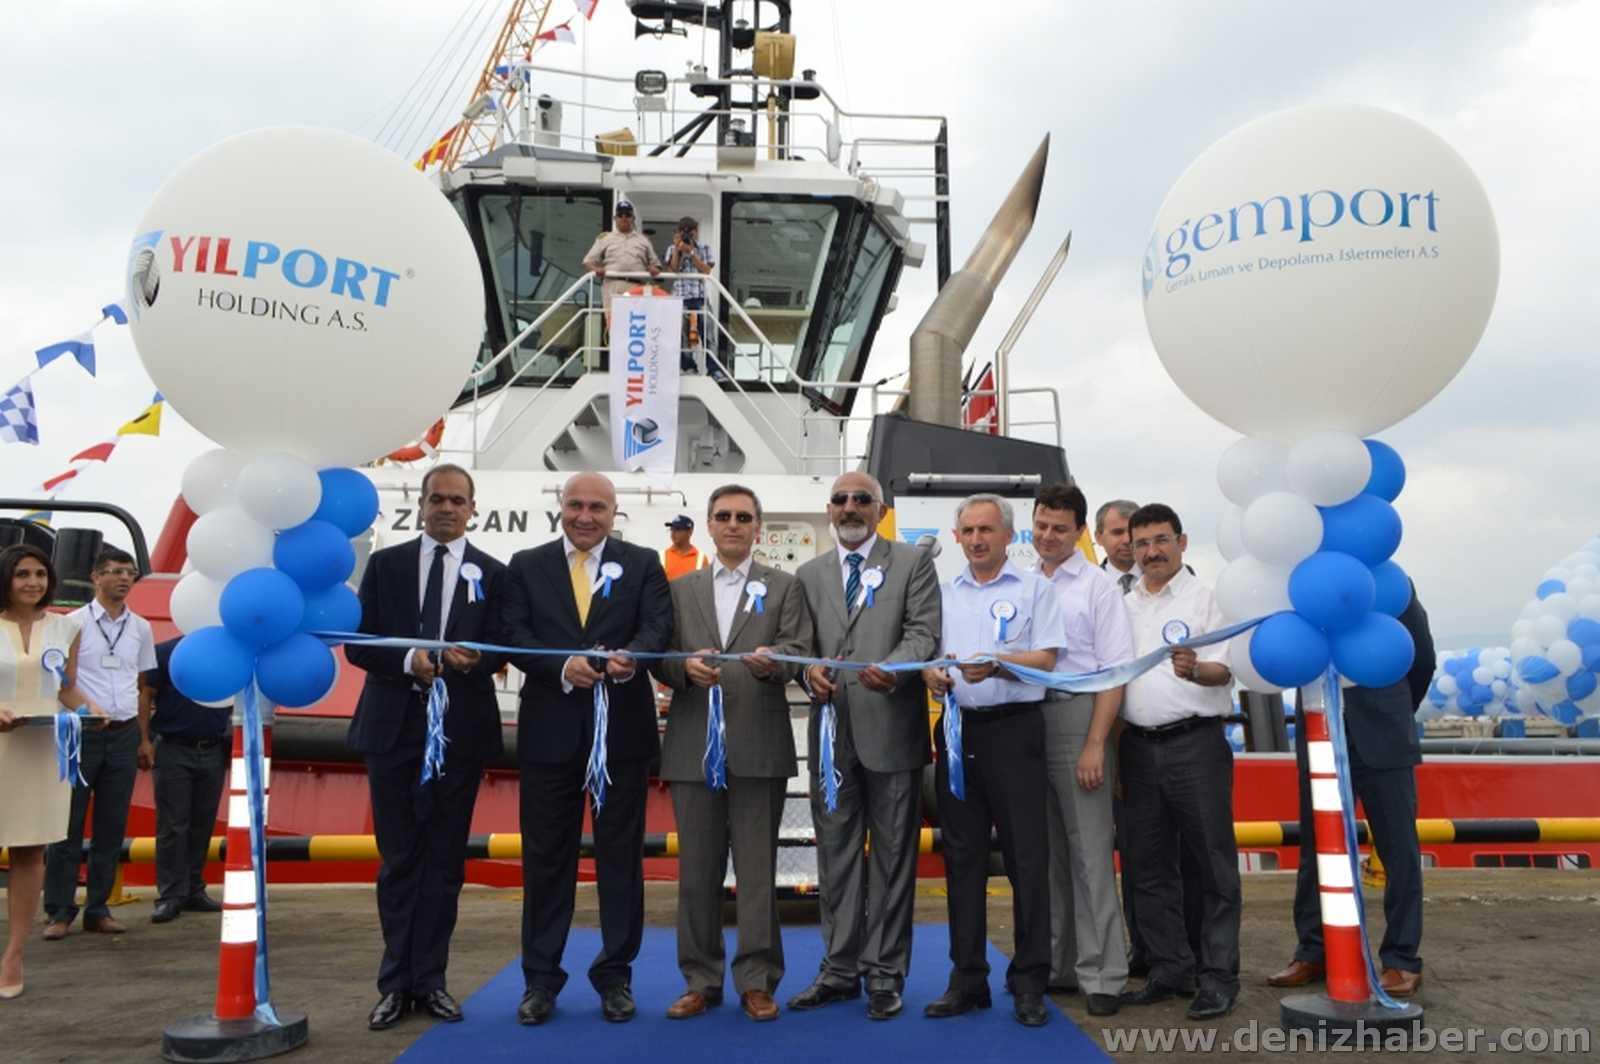 Gemport'a İlk Yatırım: Zeycan Y. Römorkörü